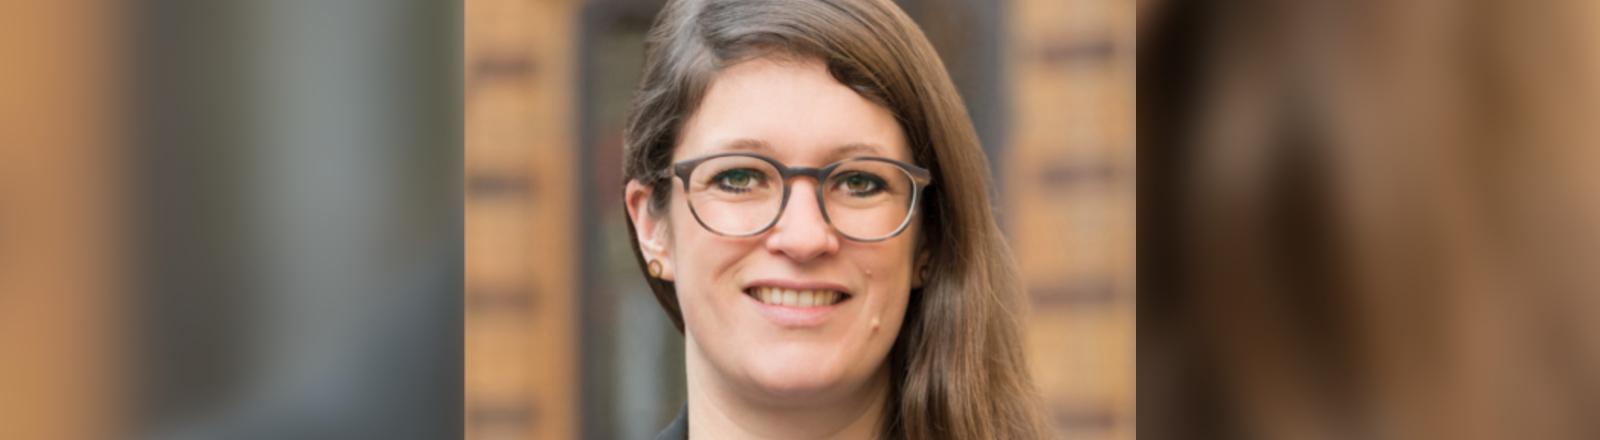 Die Unternehmens- und Teamberaterin Franziska Schölmerich.